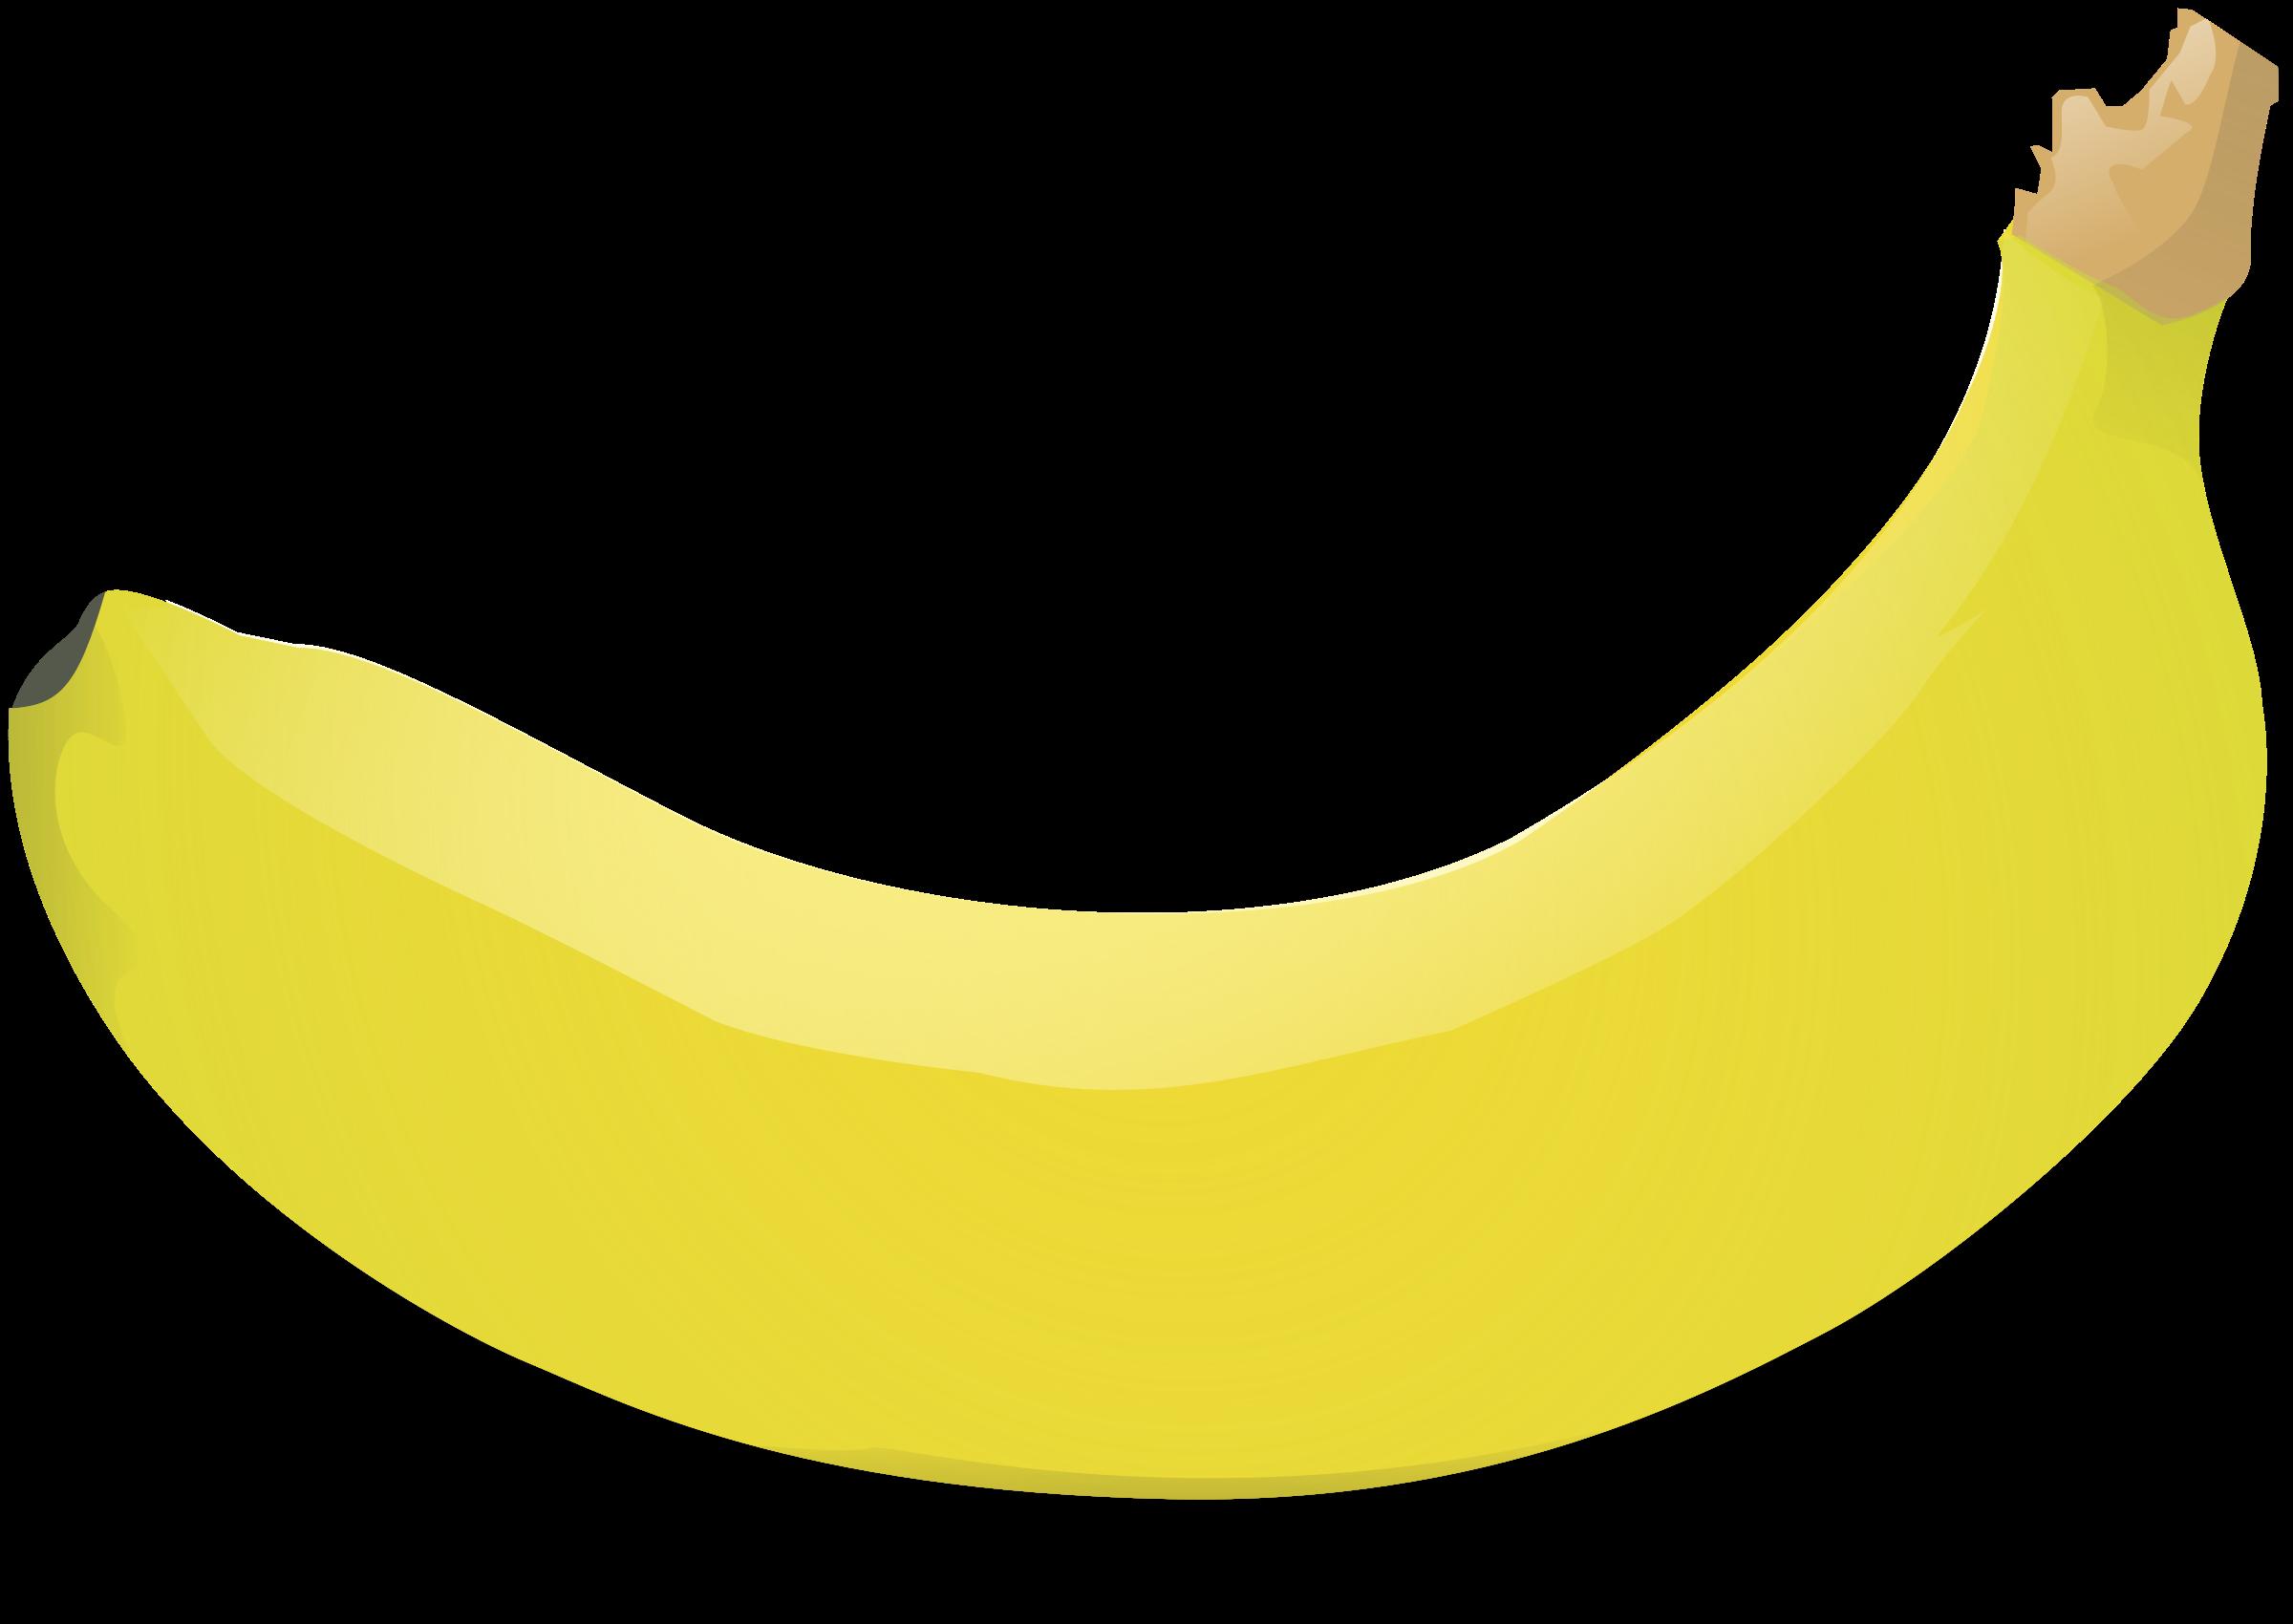 Banana clipart individual Banana banana Clipart